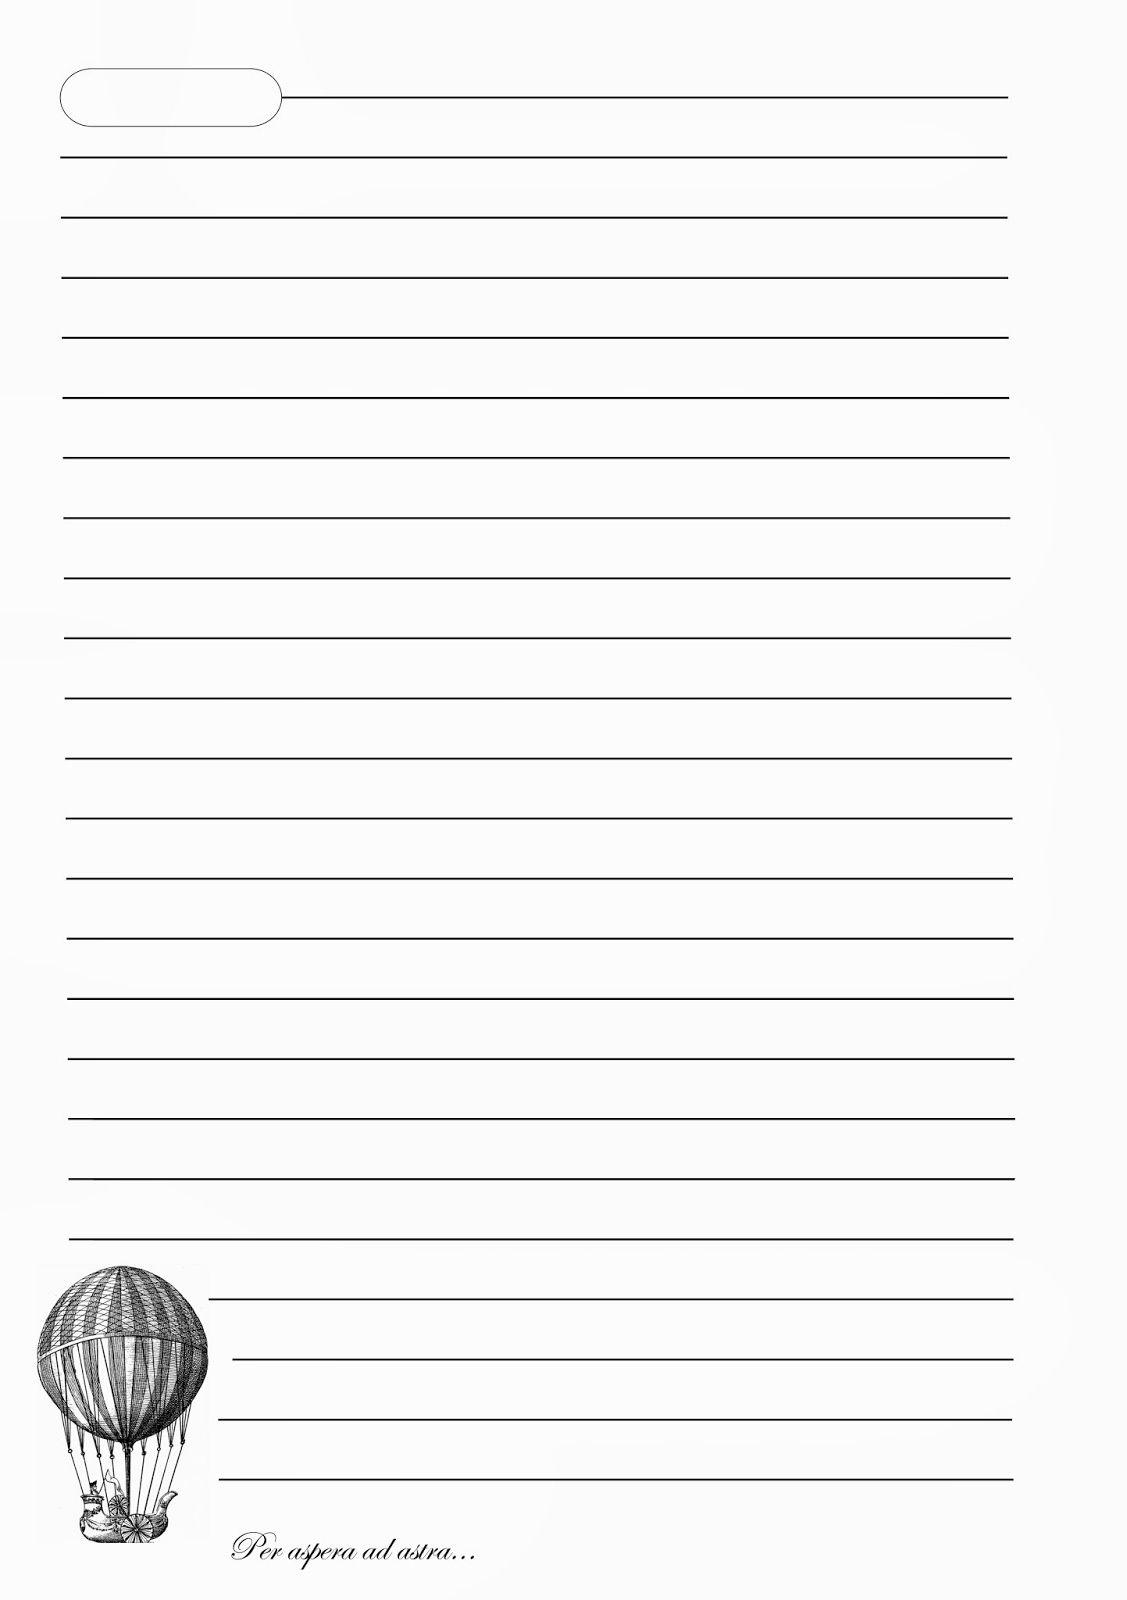 Картинка листа а4 с линиями, для тебя